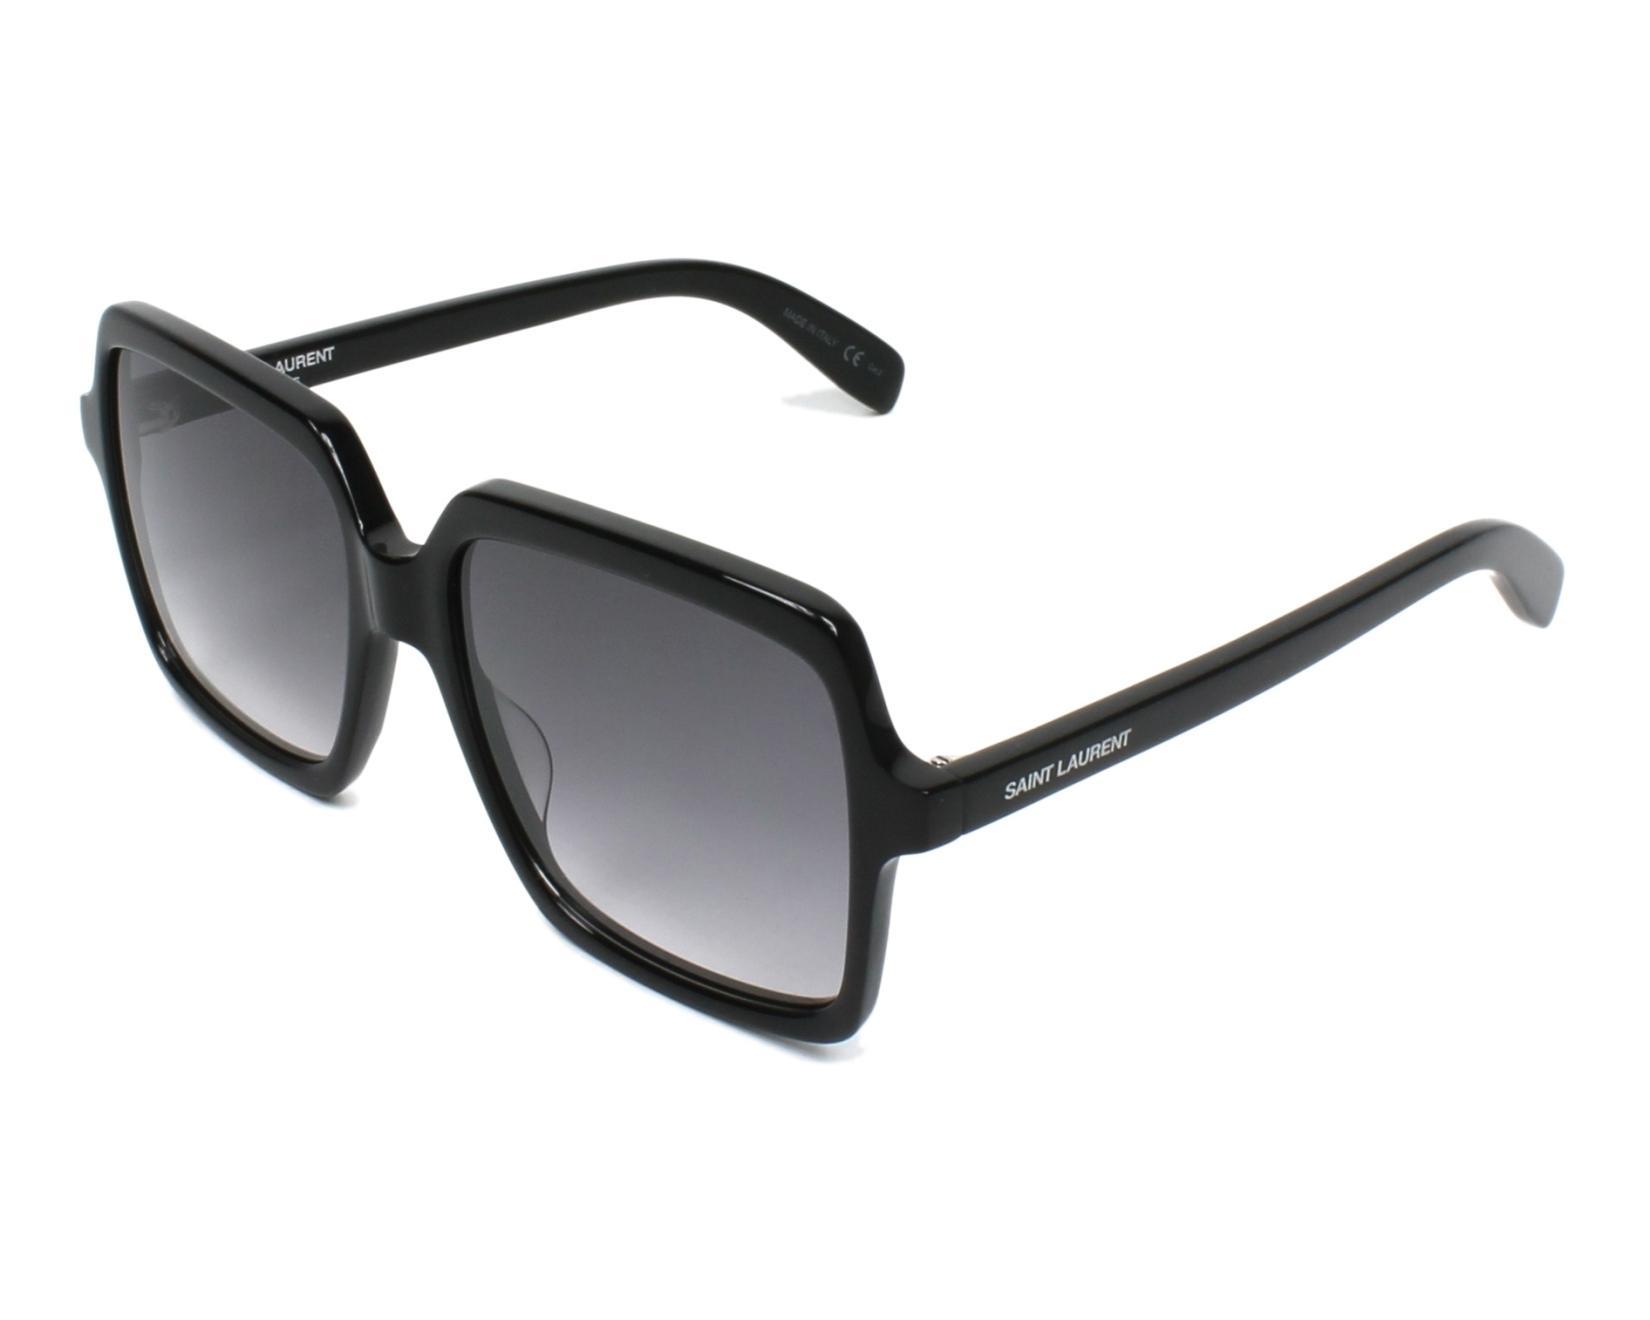 a042a518845 Sunglasses Yves Saint Laurent SL-174 001 56-17 Black profile view